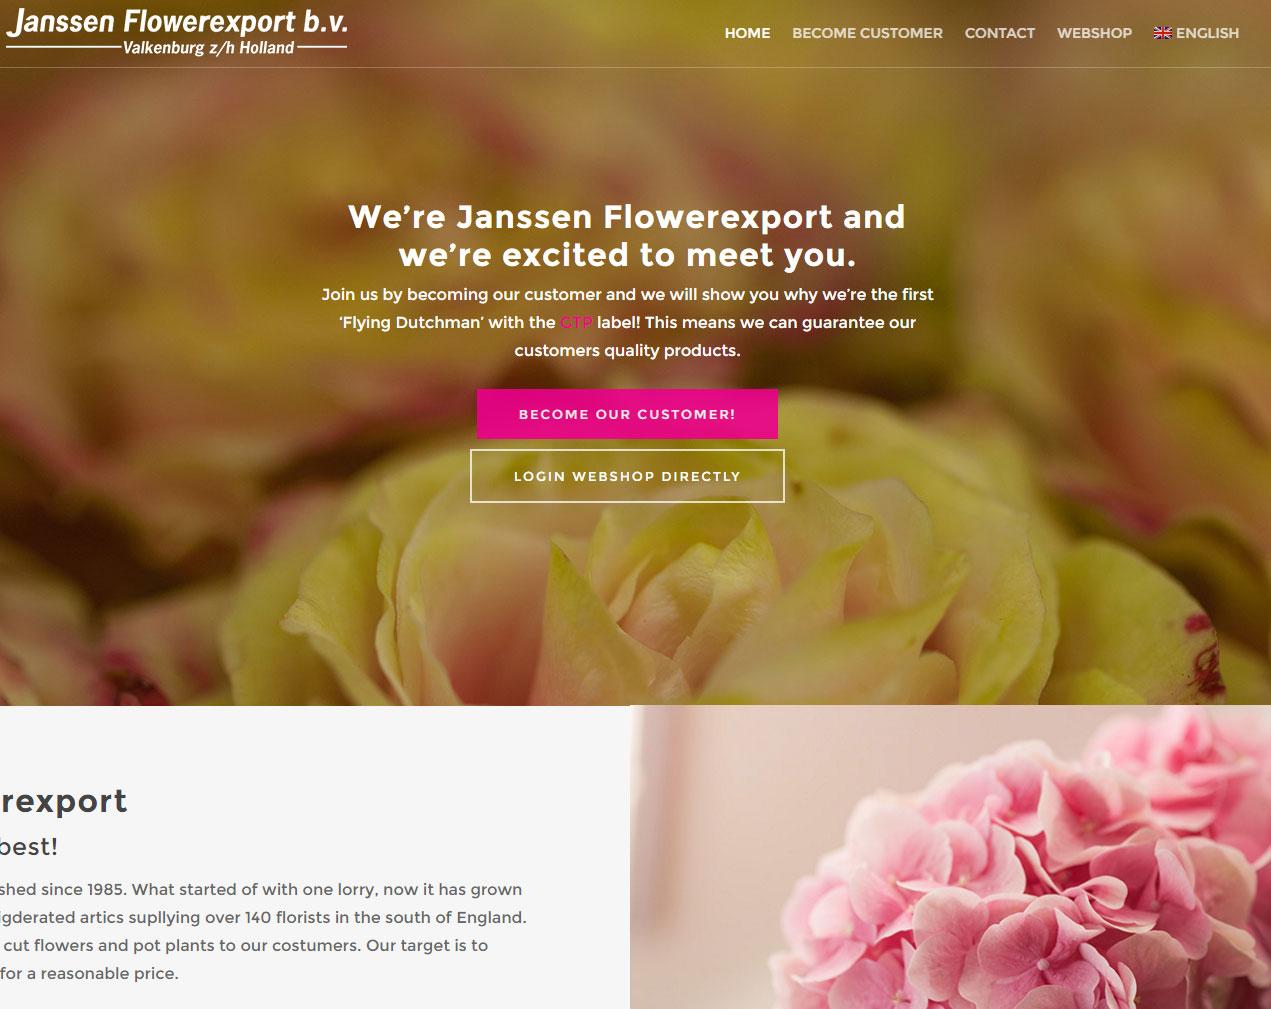 Janssen Flowerexport